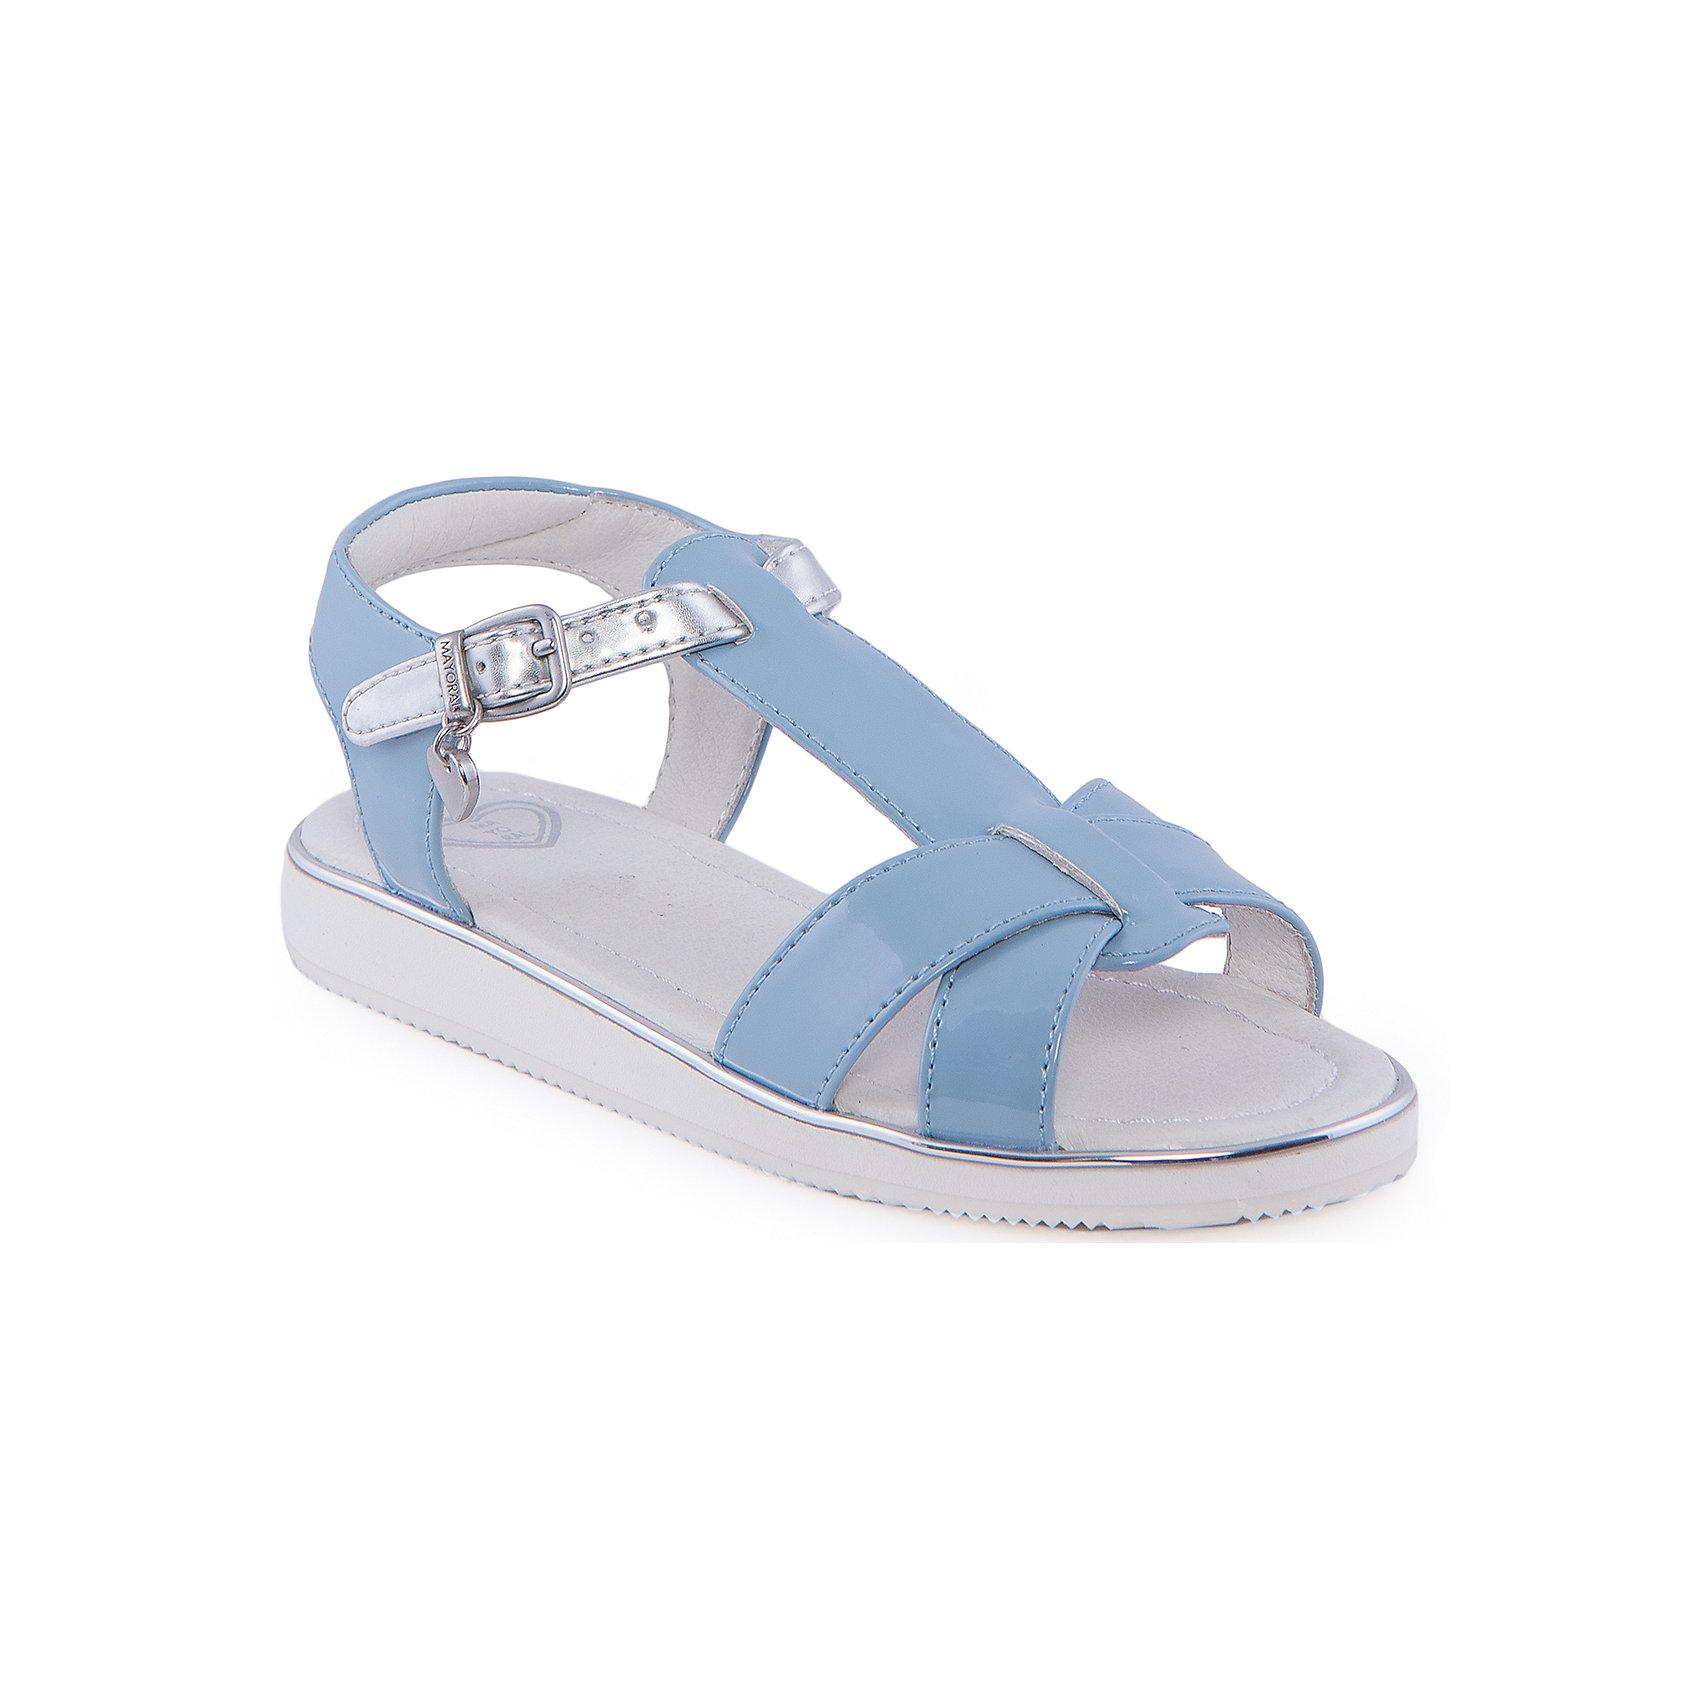 Сандалии для девочки  MayoralСандалии для девочки от известной марки Mayoral<br><br>Яркие удобные сандалии дополнят образ девочки в новом весенне-летнем сезоне. Эта модель разработала специально для девочек, любящих платья и юбки - именно с женственными моделями такие туфли смотрятся особенно хорошо. Сделаны они из легкого, но прочного материала. Комфортно садятся по ноге и не натирают.<br><br>Особенности модели:<br><br>- цвет: голубой;<br>- плоская нескользящая подошва;<br>- материал - лакированная искусственная кожа;<br>- застежка-ремешок;<br>- подошва толстая;<br>- сбоку - металлический логотип в виде сердца.<br><br>Дополнительная информация:<br><br>Состав: верх - искусственная кожа;<br>стелька - натуральная кожа;<br>подошва - полиуретан.<br><br>Сандалии для девочки от Mayoral (Майорал) можно купить в нашем магазине.<br><br>Ширина мм: 219<br>Глубина мм: 154<br>Высота мм: 121<br>Вес г: 343<br>Цвет: голубой<br>Возраст от месяцев: 72<br>Возраст до месяцев: 84<br>Пол: Женский<br>Возраст: Детский<br>Размер: 30,26,32,31,29,28,27<br>SKU: 4539898